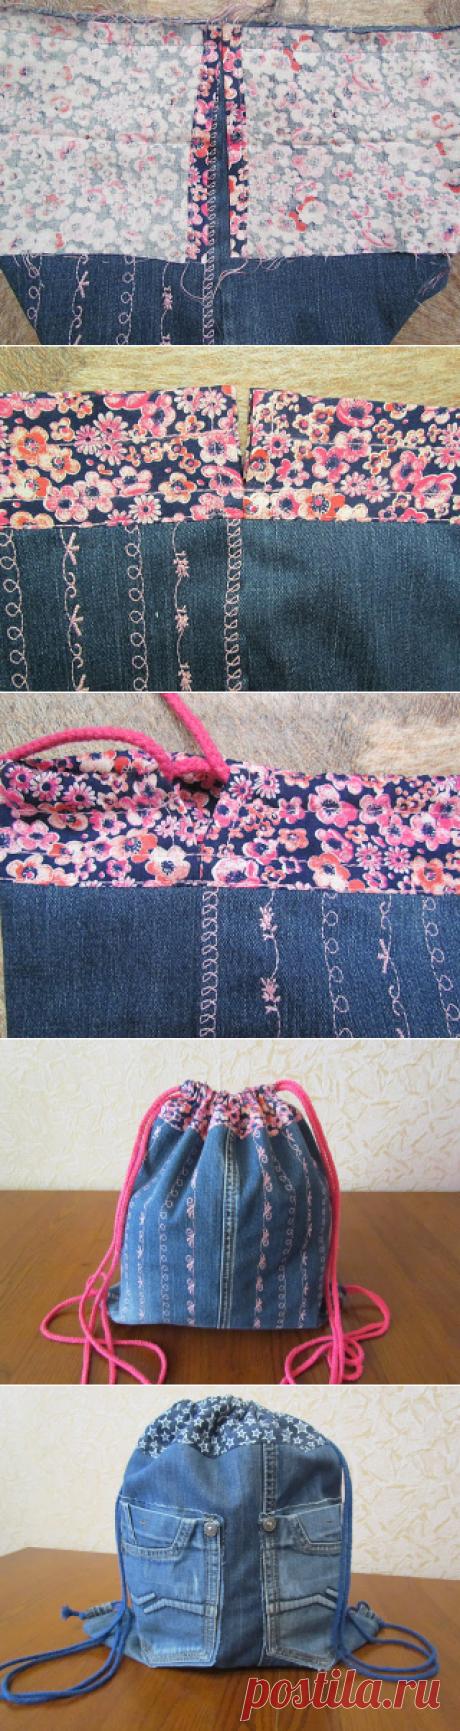 Мастер класс - как сшить рюкзак из джинсов